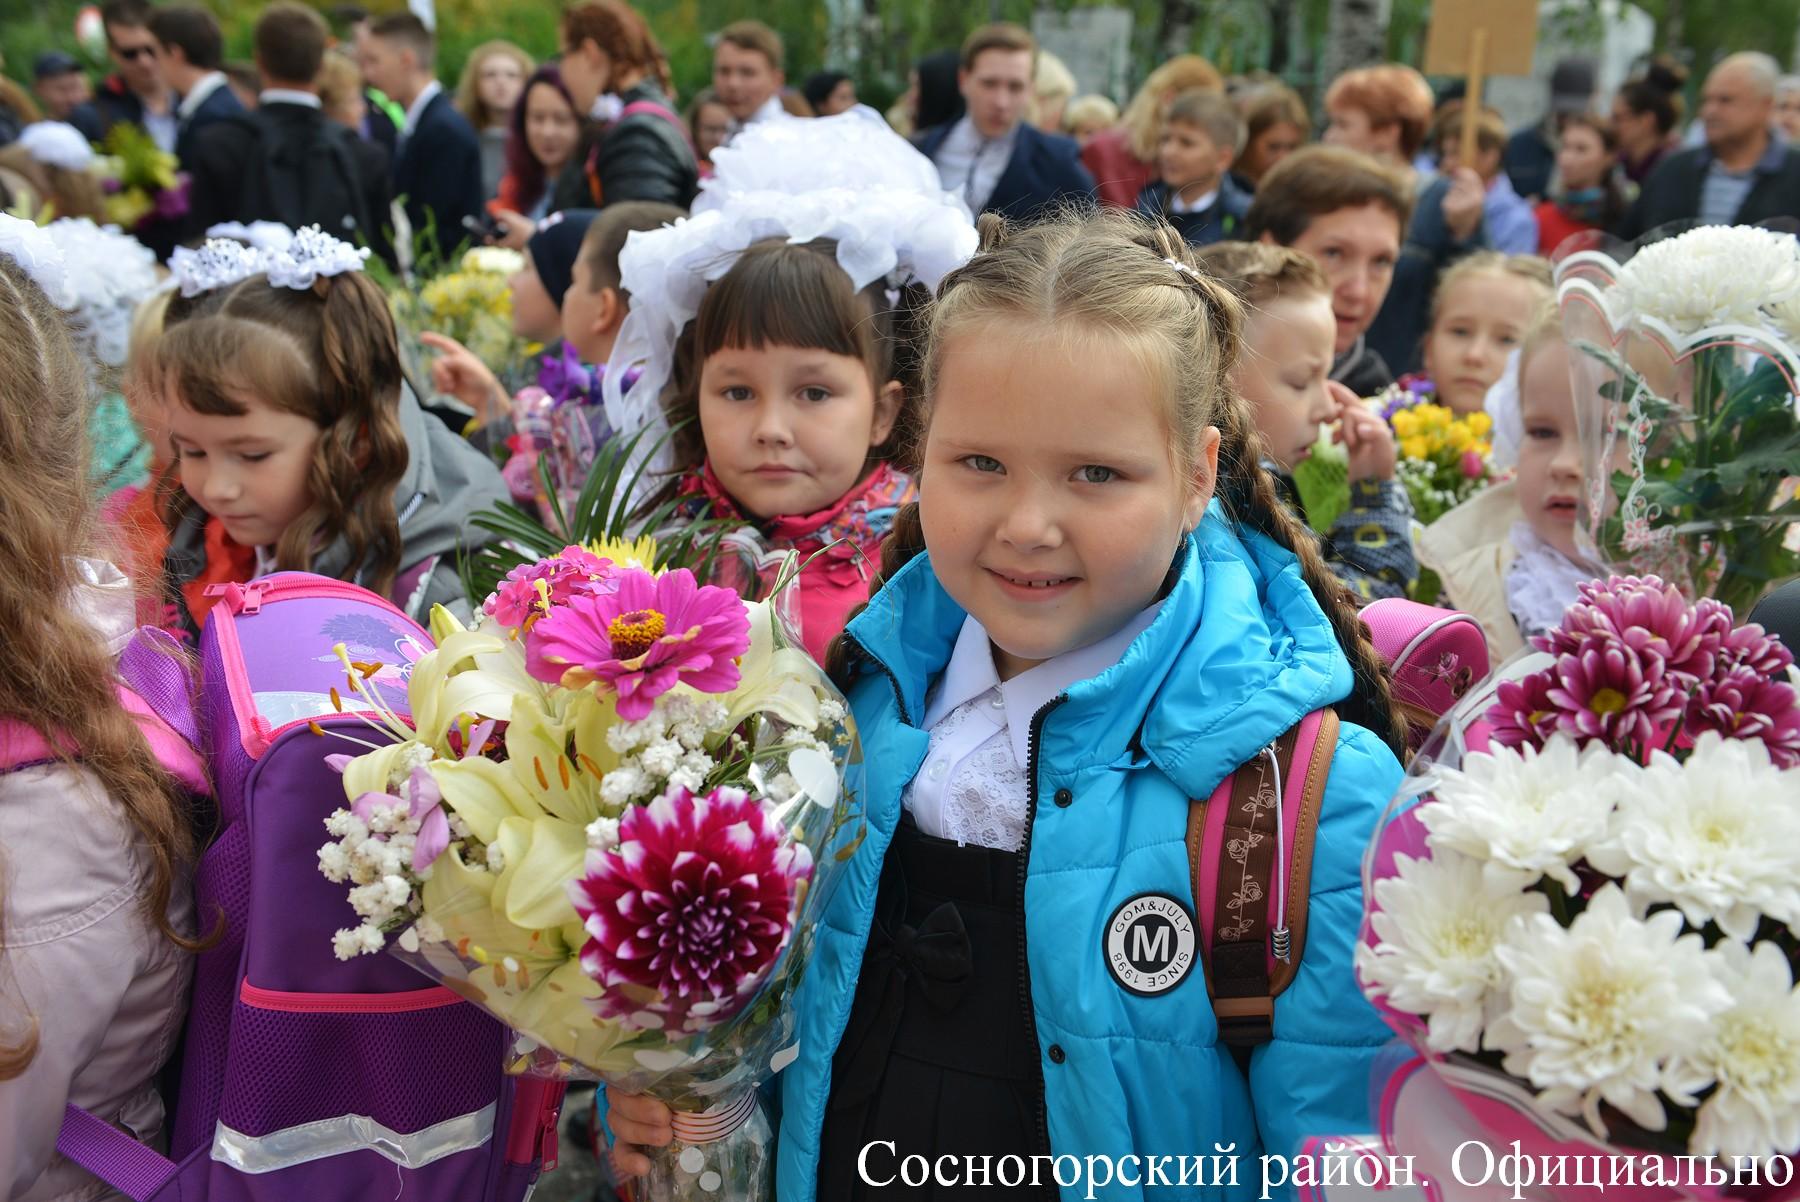 Для пяти тысяч юных жителей Сосногорского района прозвенел первый звонок